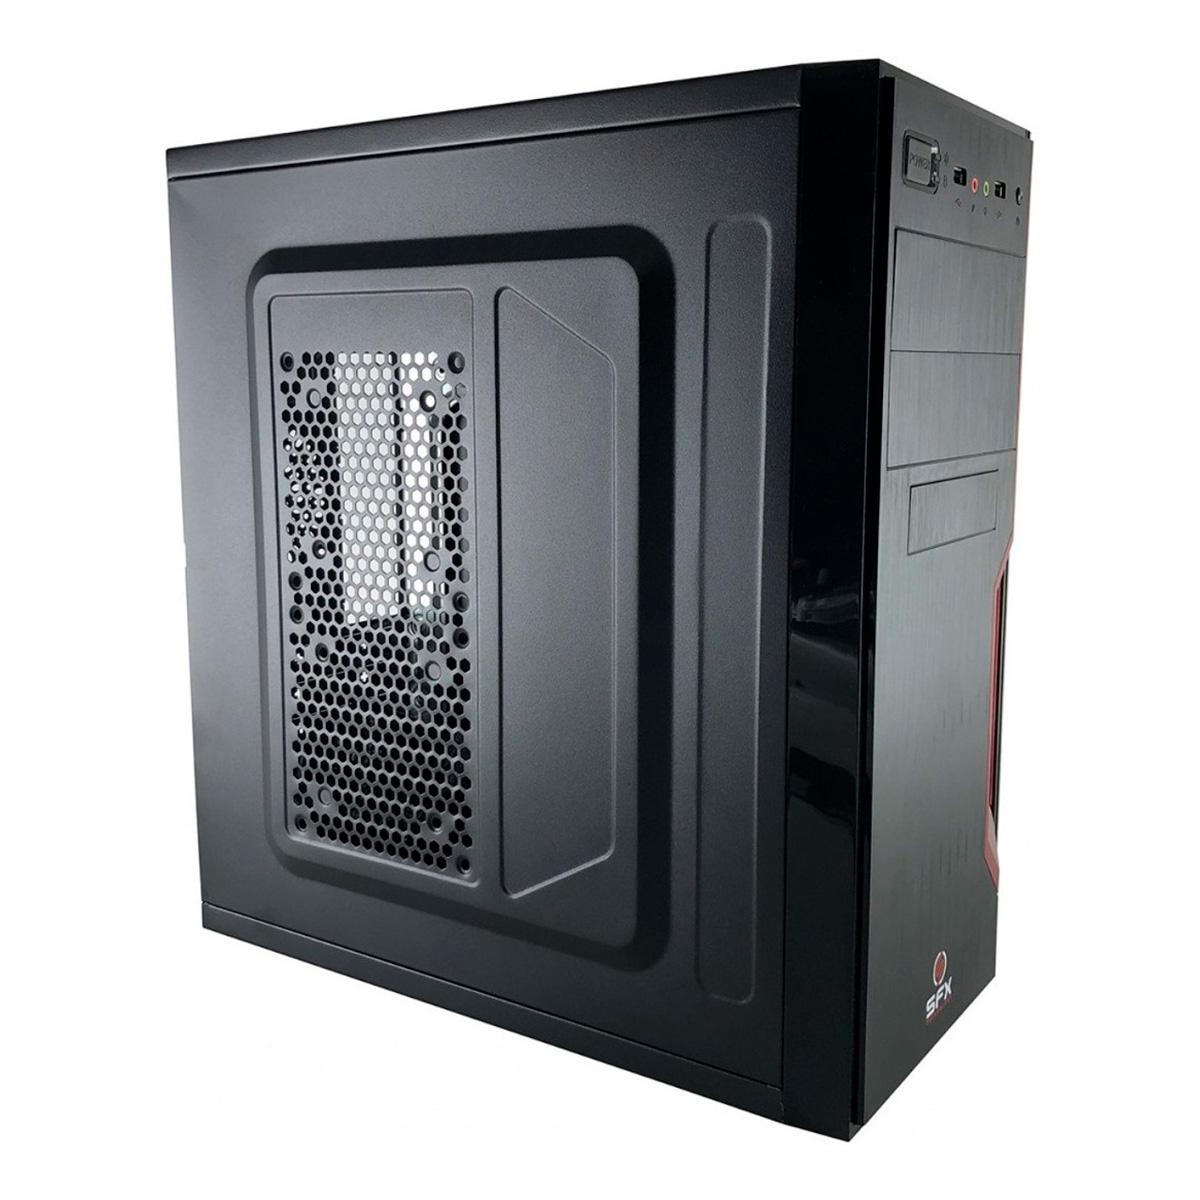 GABINETE KIT 783 BLACK + 500W SFX